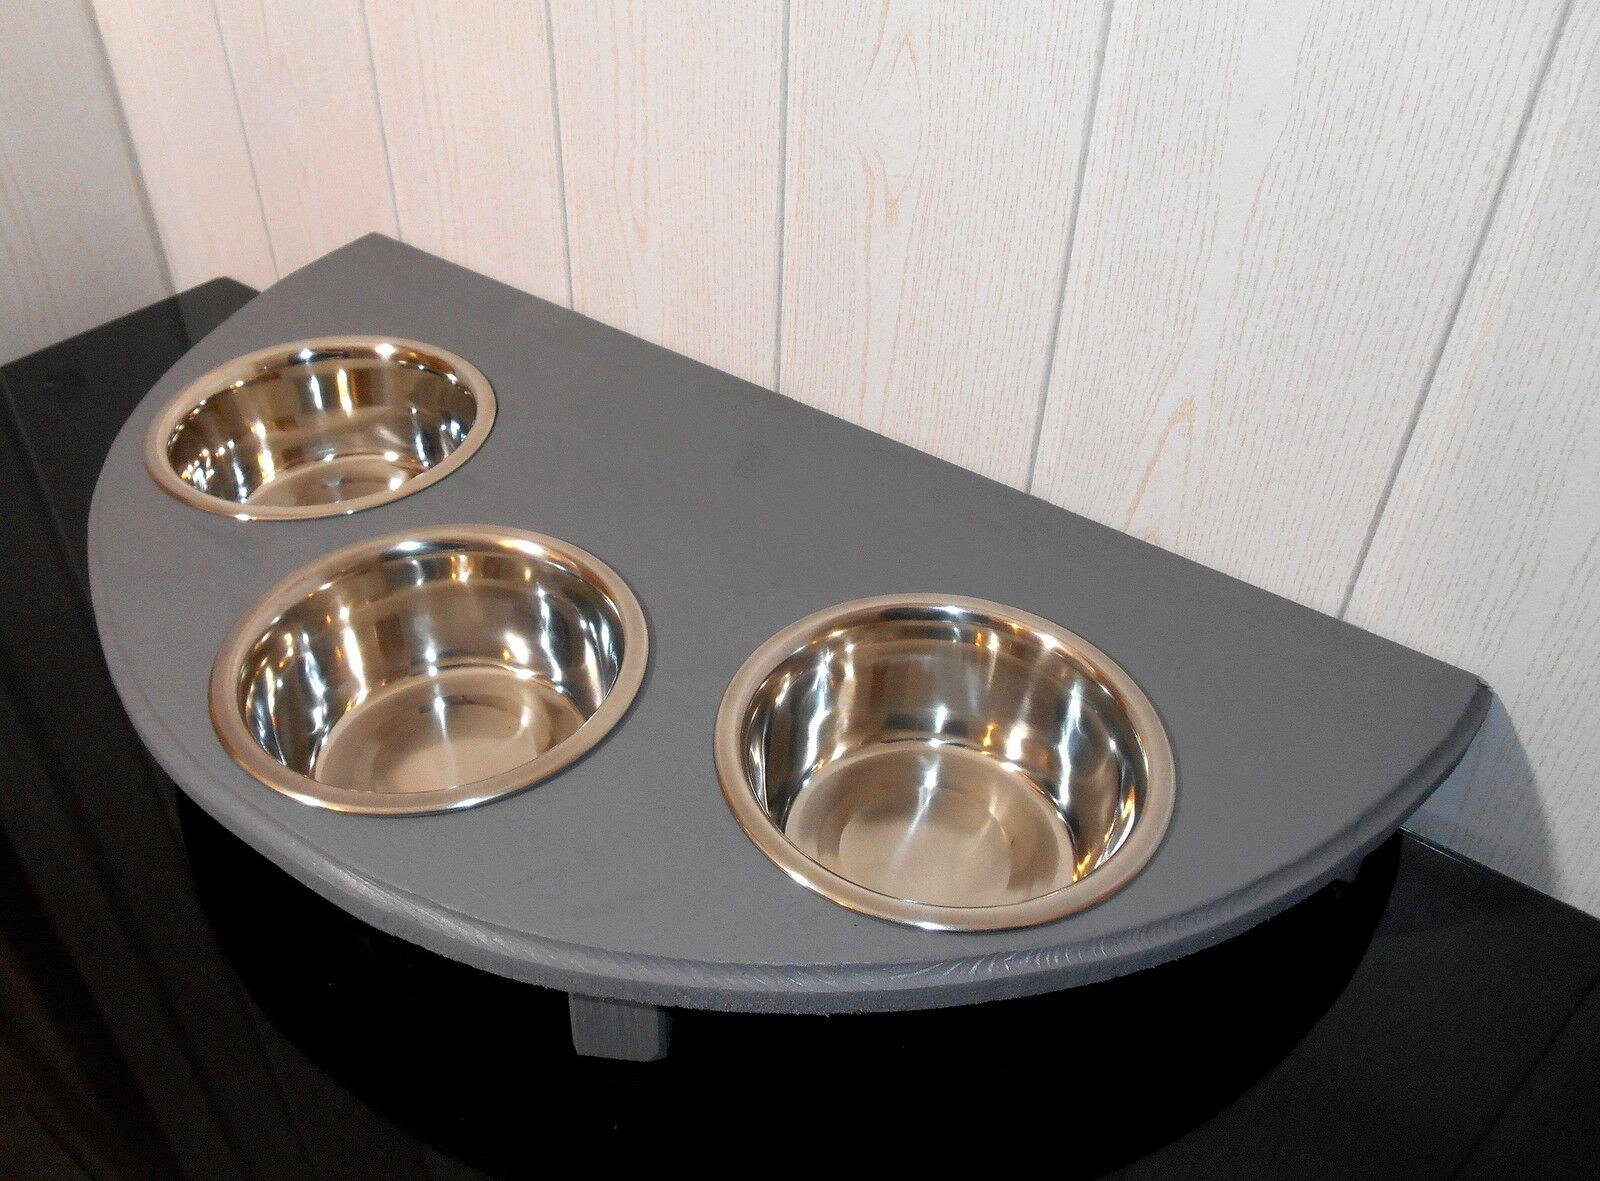 Futternapf mit 3 Näpfen, grau, halbrund, -Buche- Futterbar, Napfbar (11c)  | Neueste Technologie